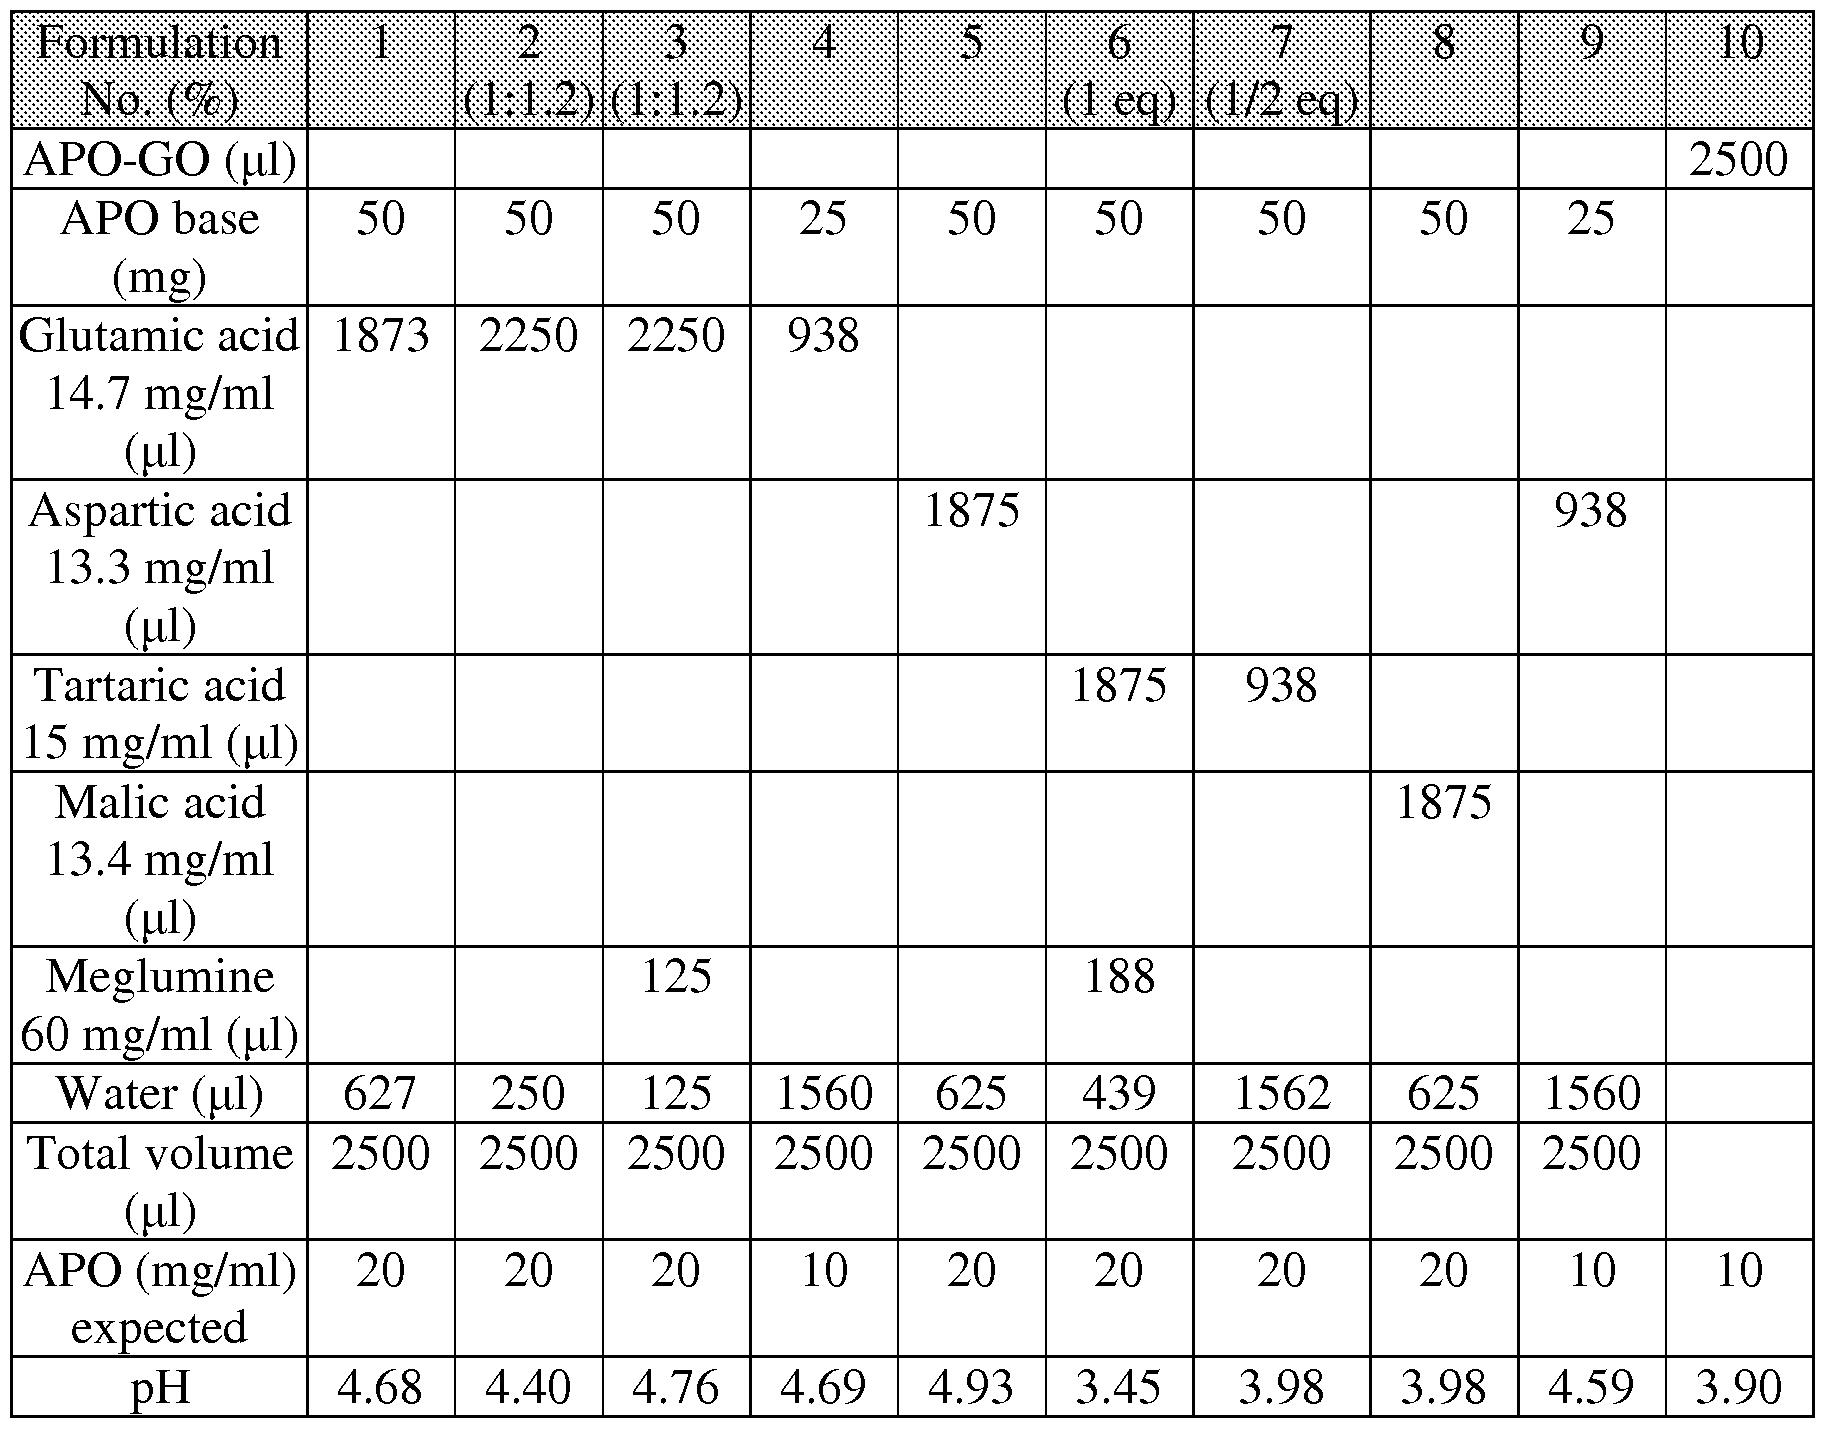 viagra vgr 50